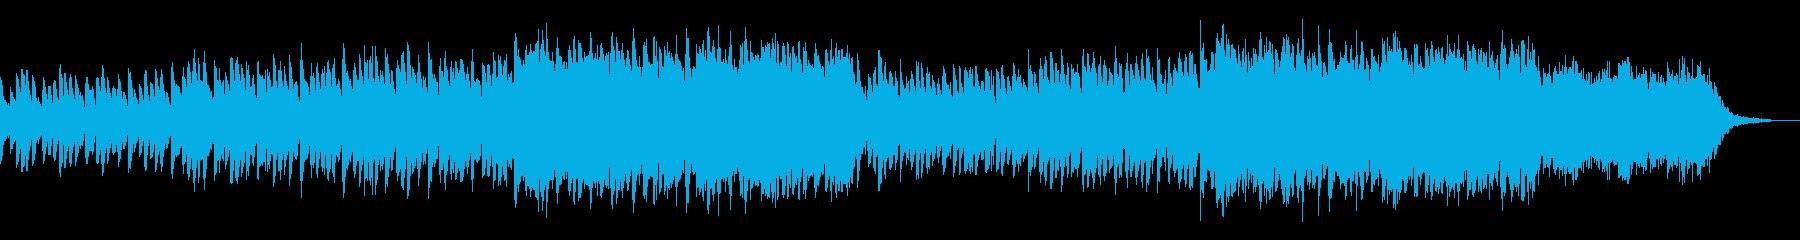 イージーリスニング系BGMの再生済みの波形